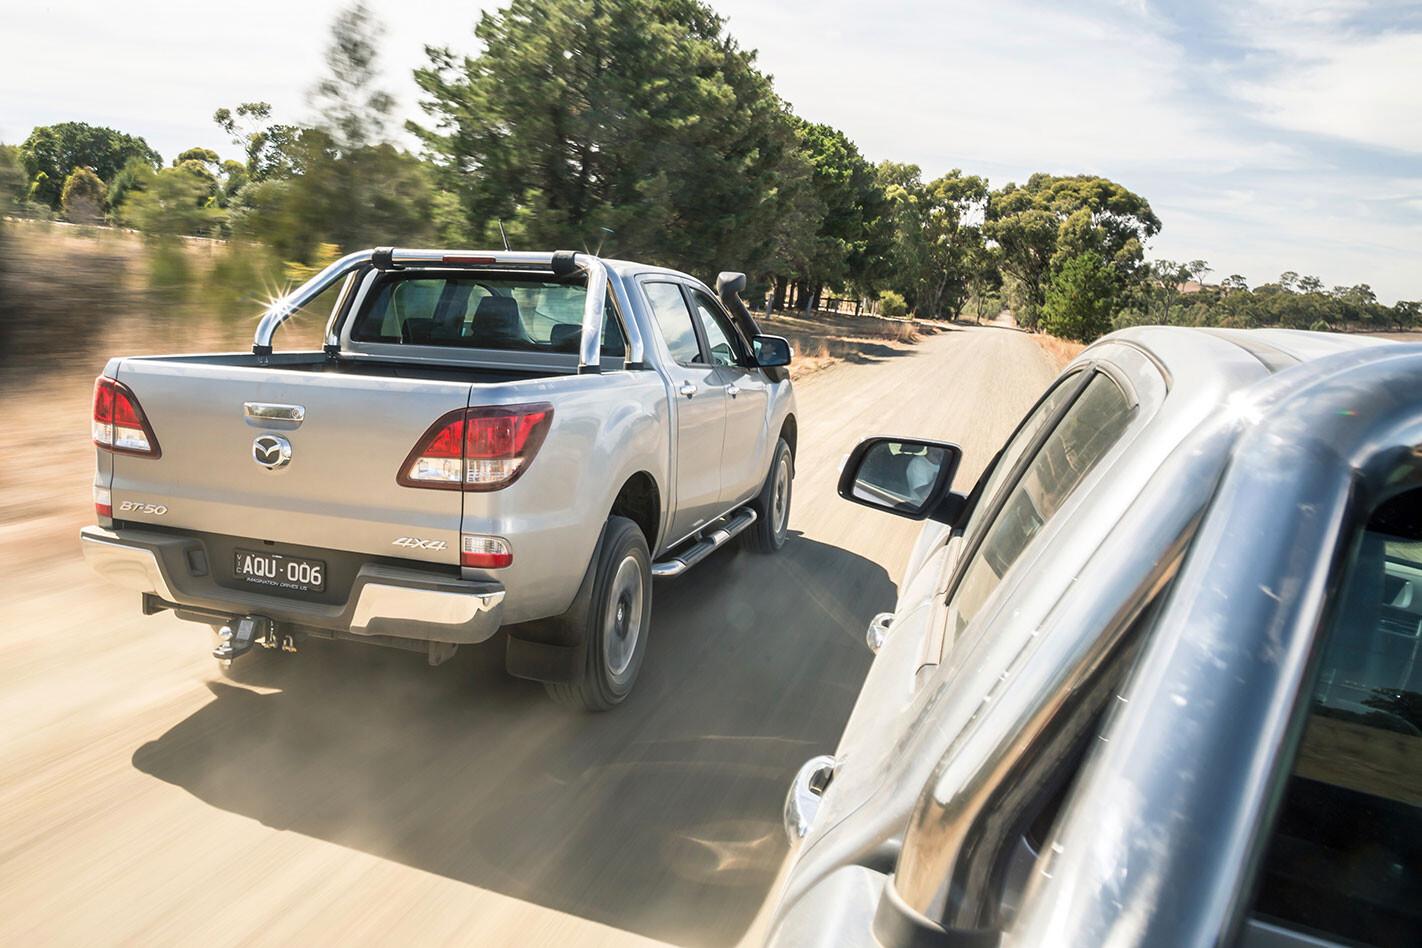 2018 Mazda BT-50 facelift